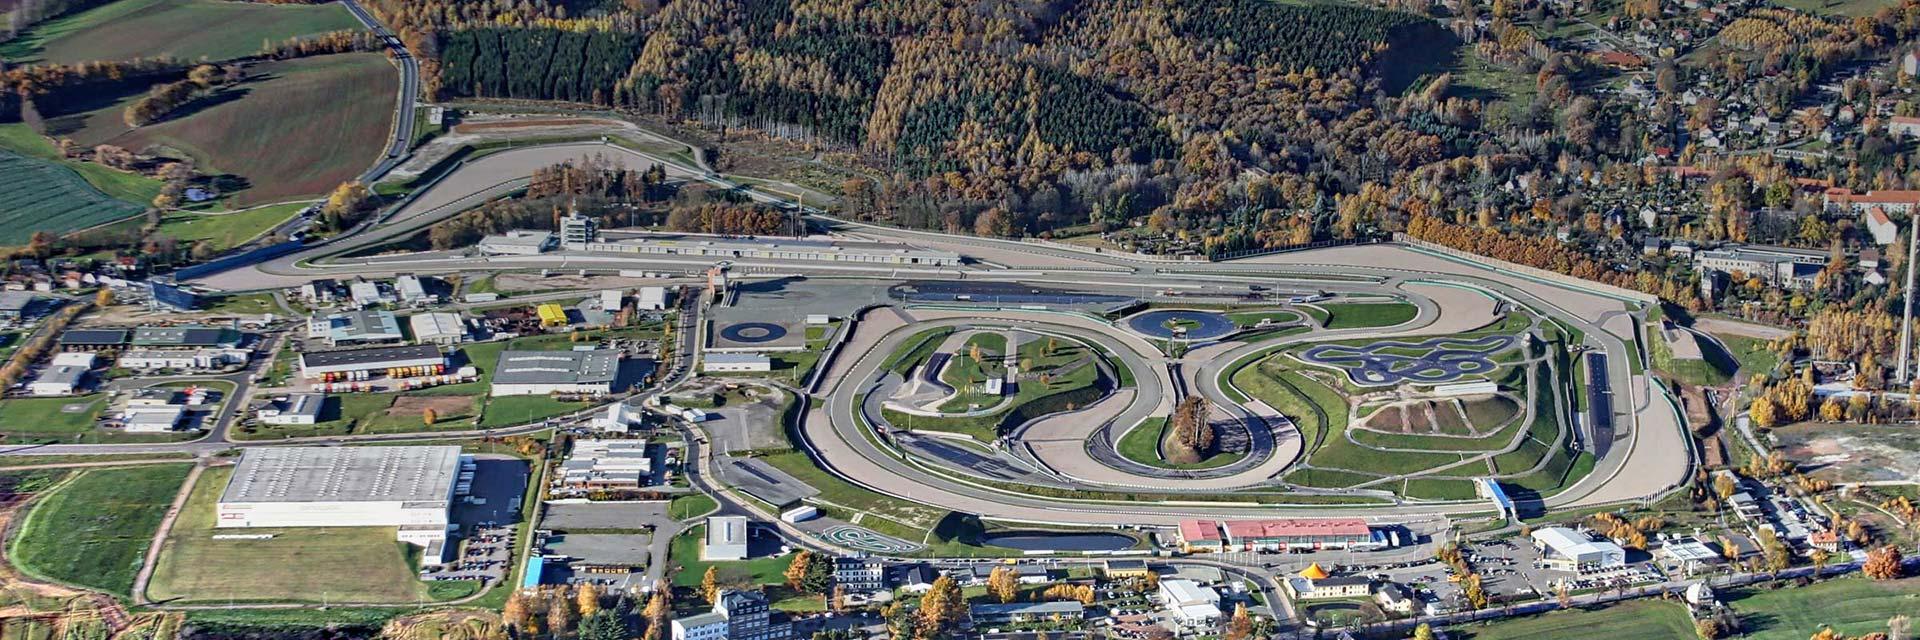 GEDLICH Racing - Racetrack Sachsenring